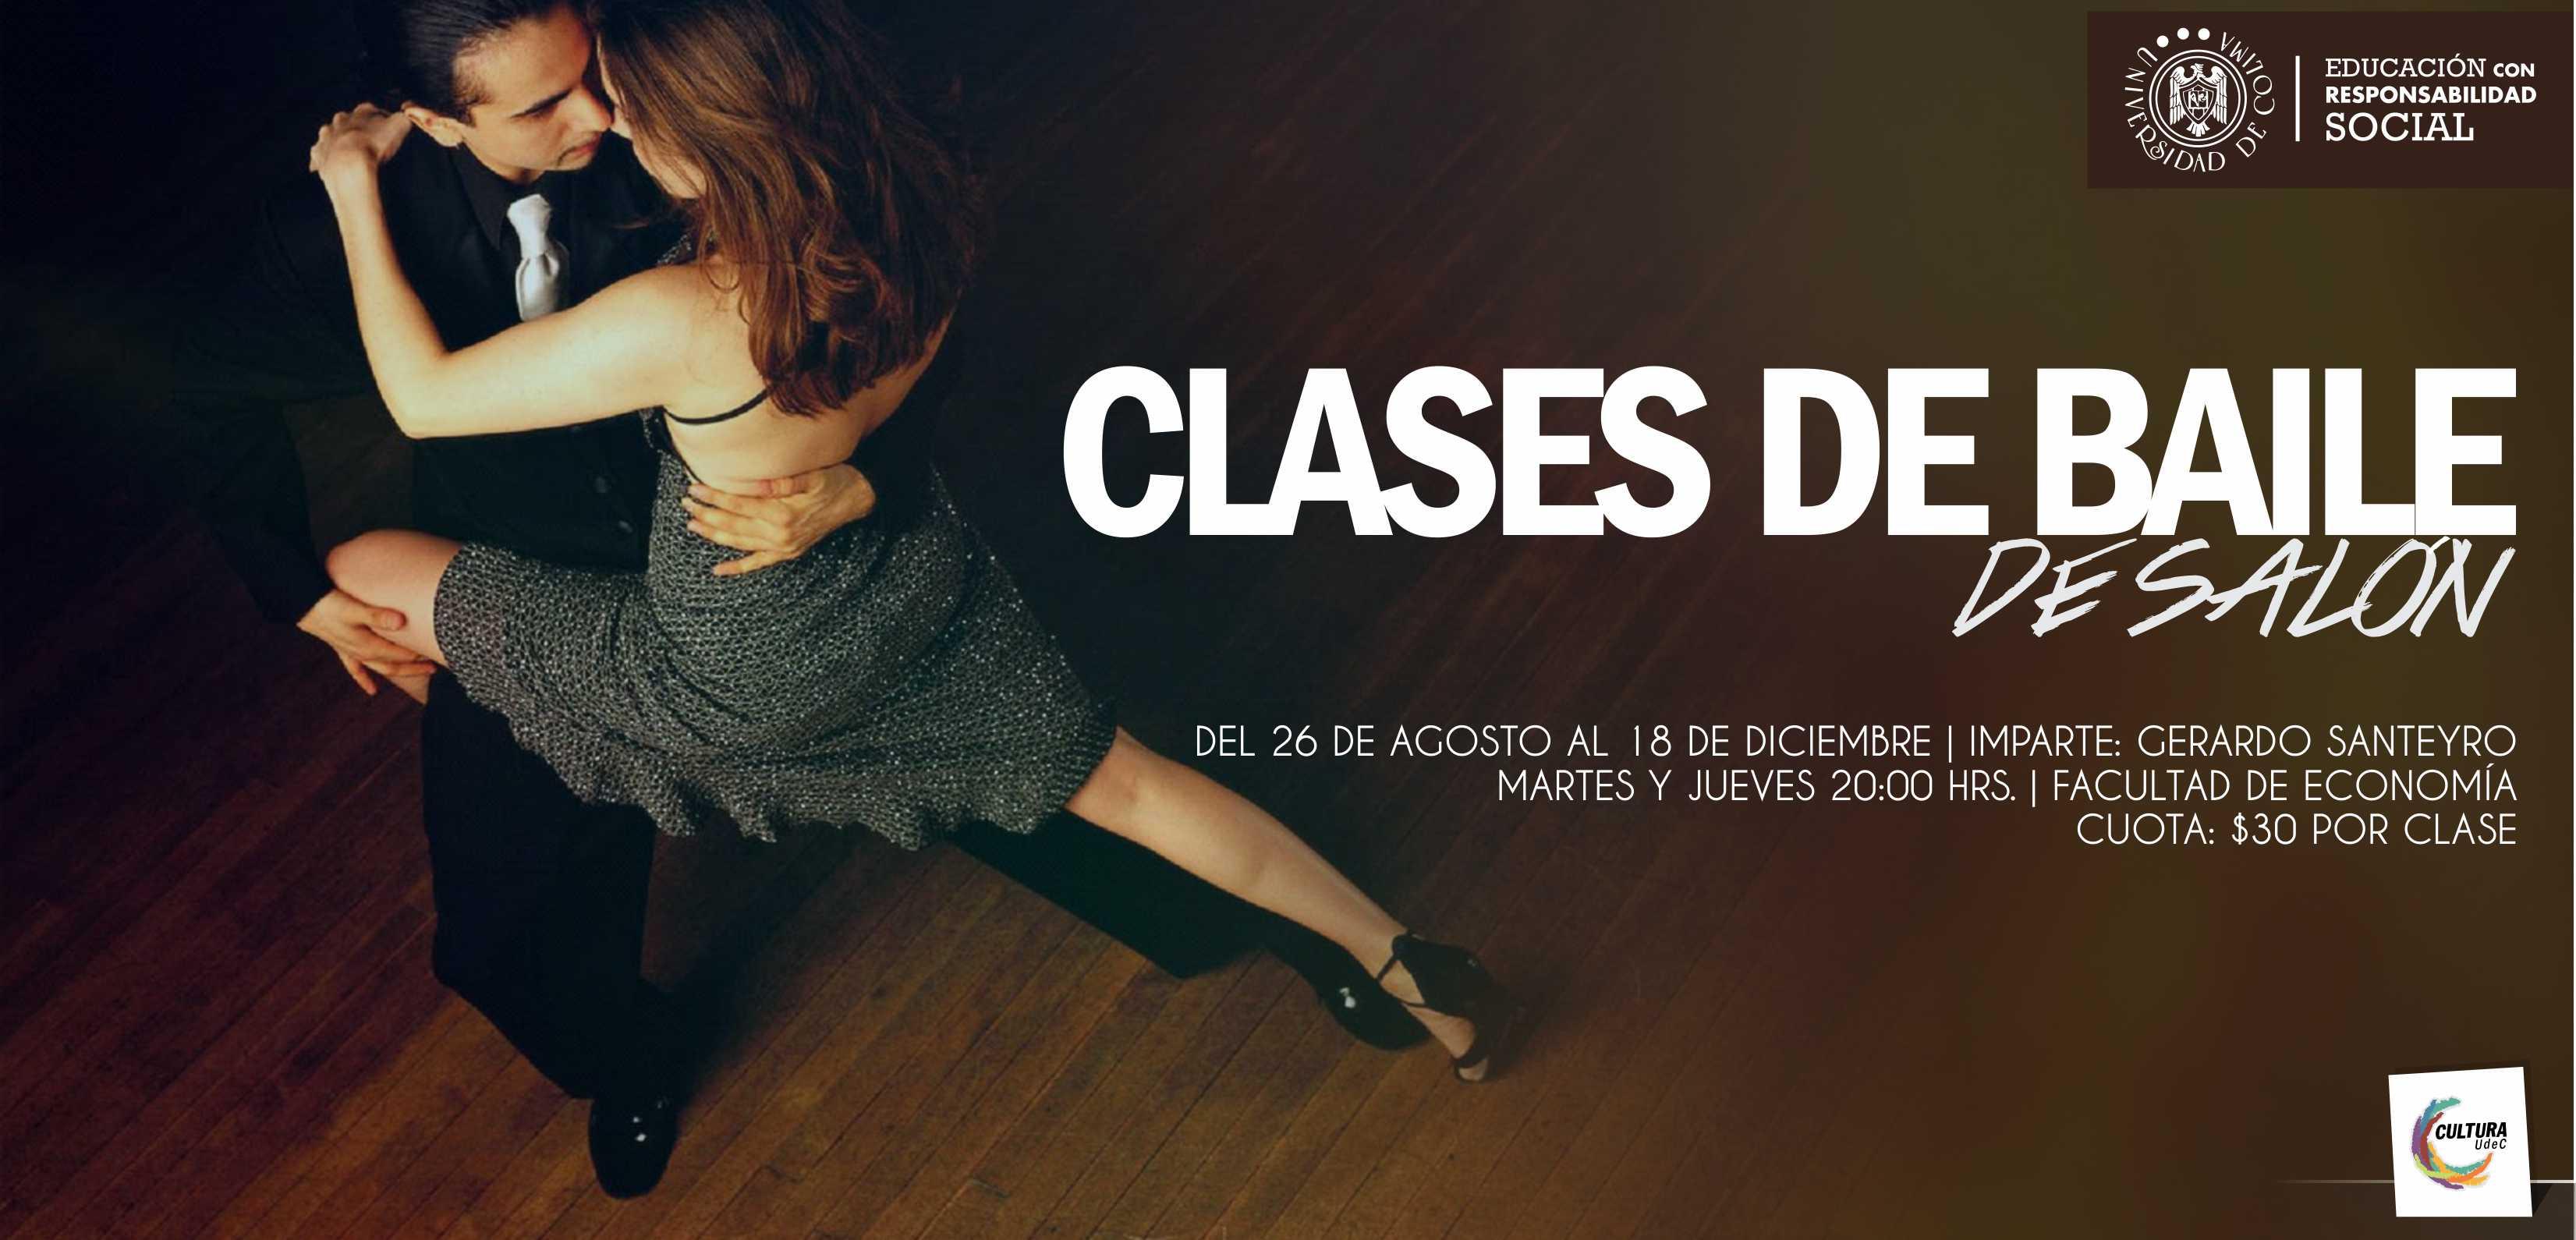 Universidad de colima for Academias de bailes de salon en madrid